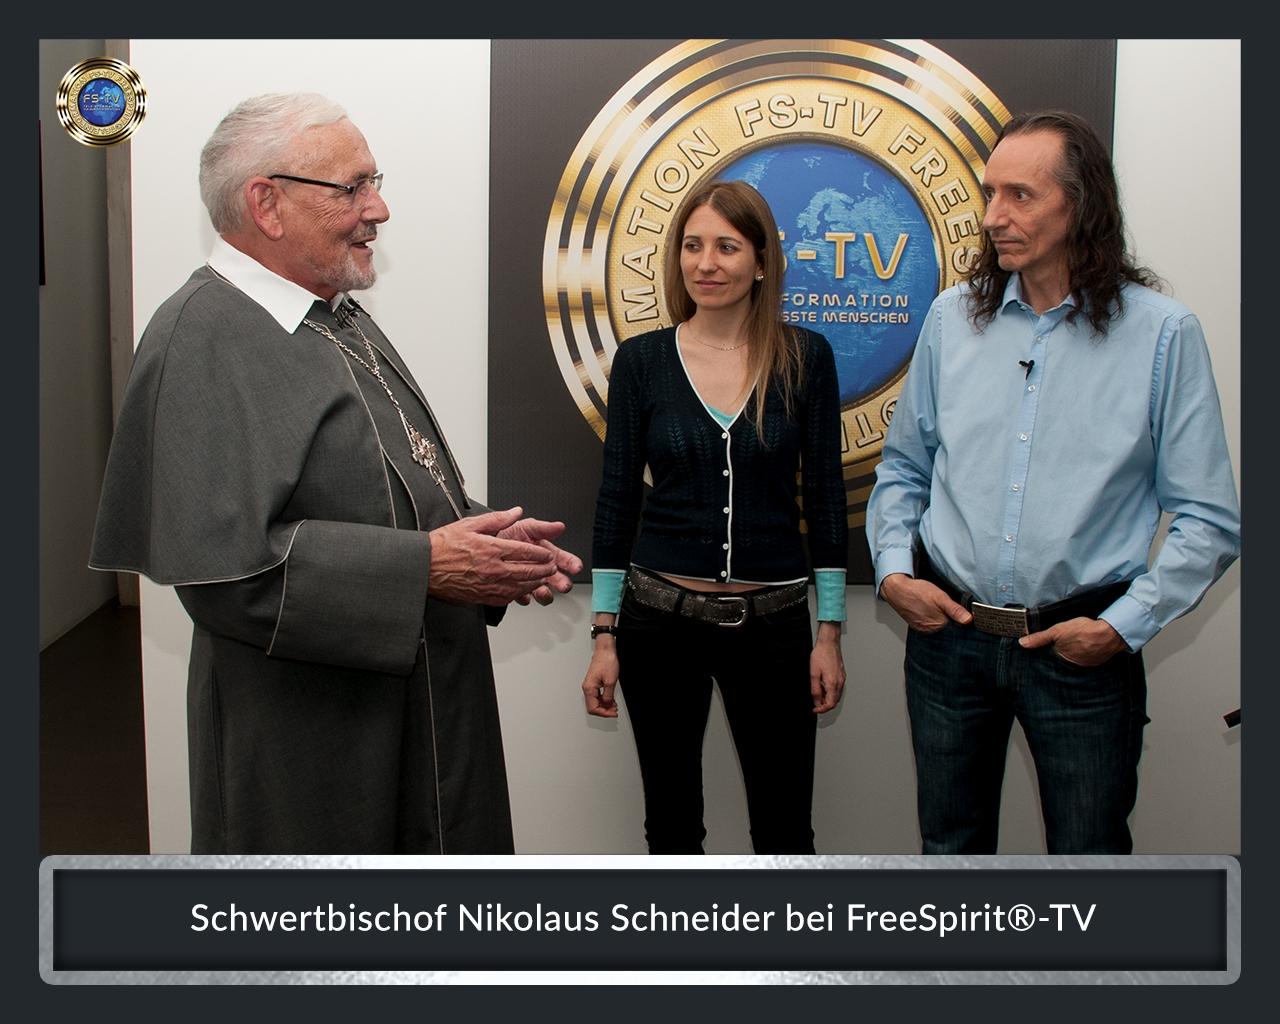 FS-TV-Bildergallerie-Schwertbischof_7